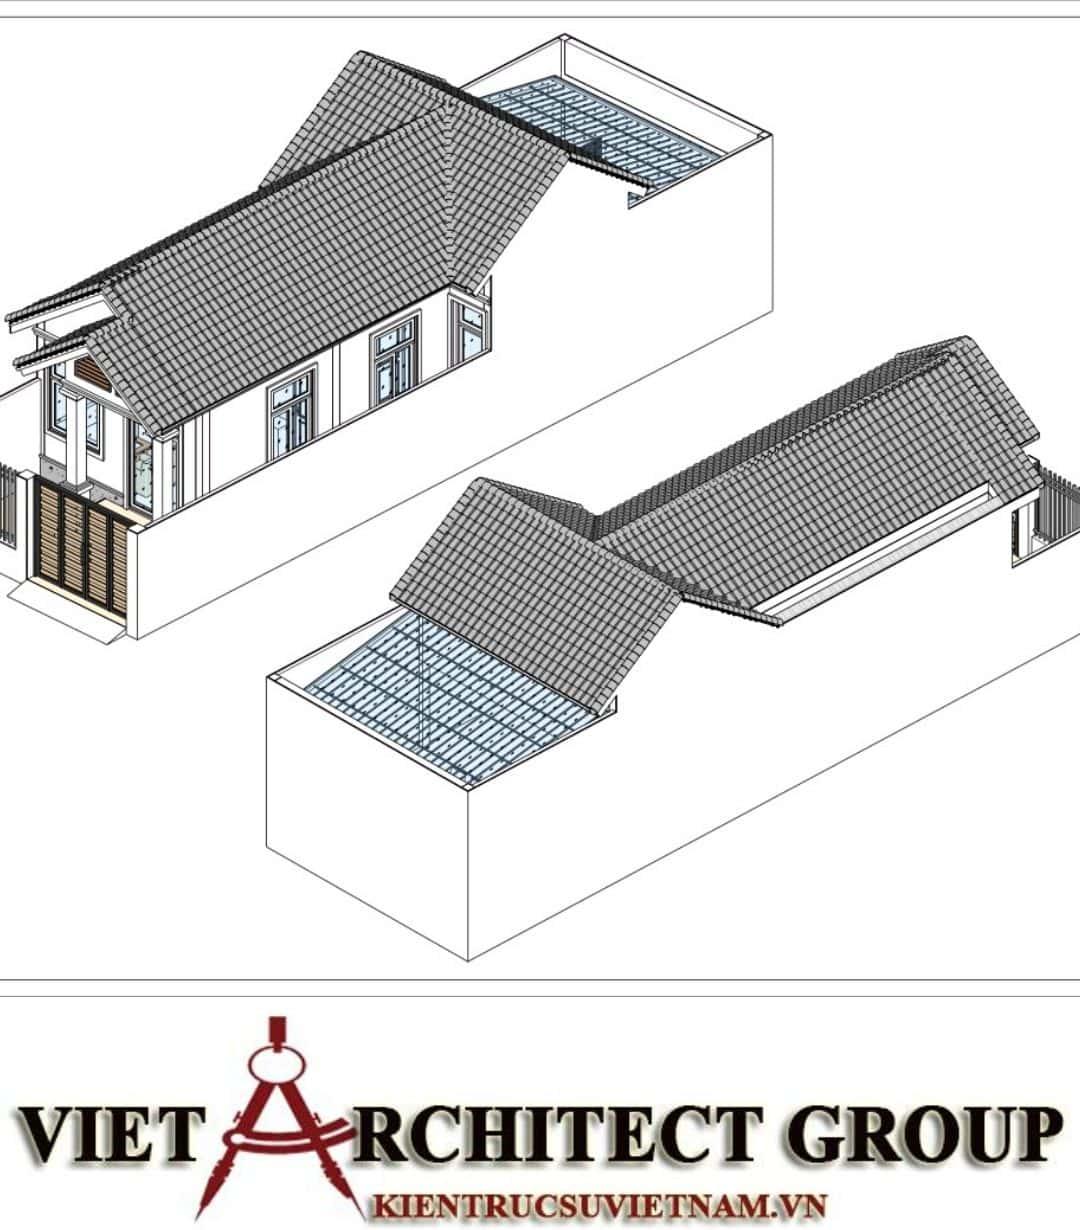 4 45 - Công trình nhà ở trệt mái thái diện tích 120m2 Mr Thi - Thủ Đức, TPHCM